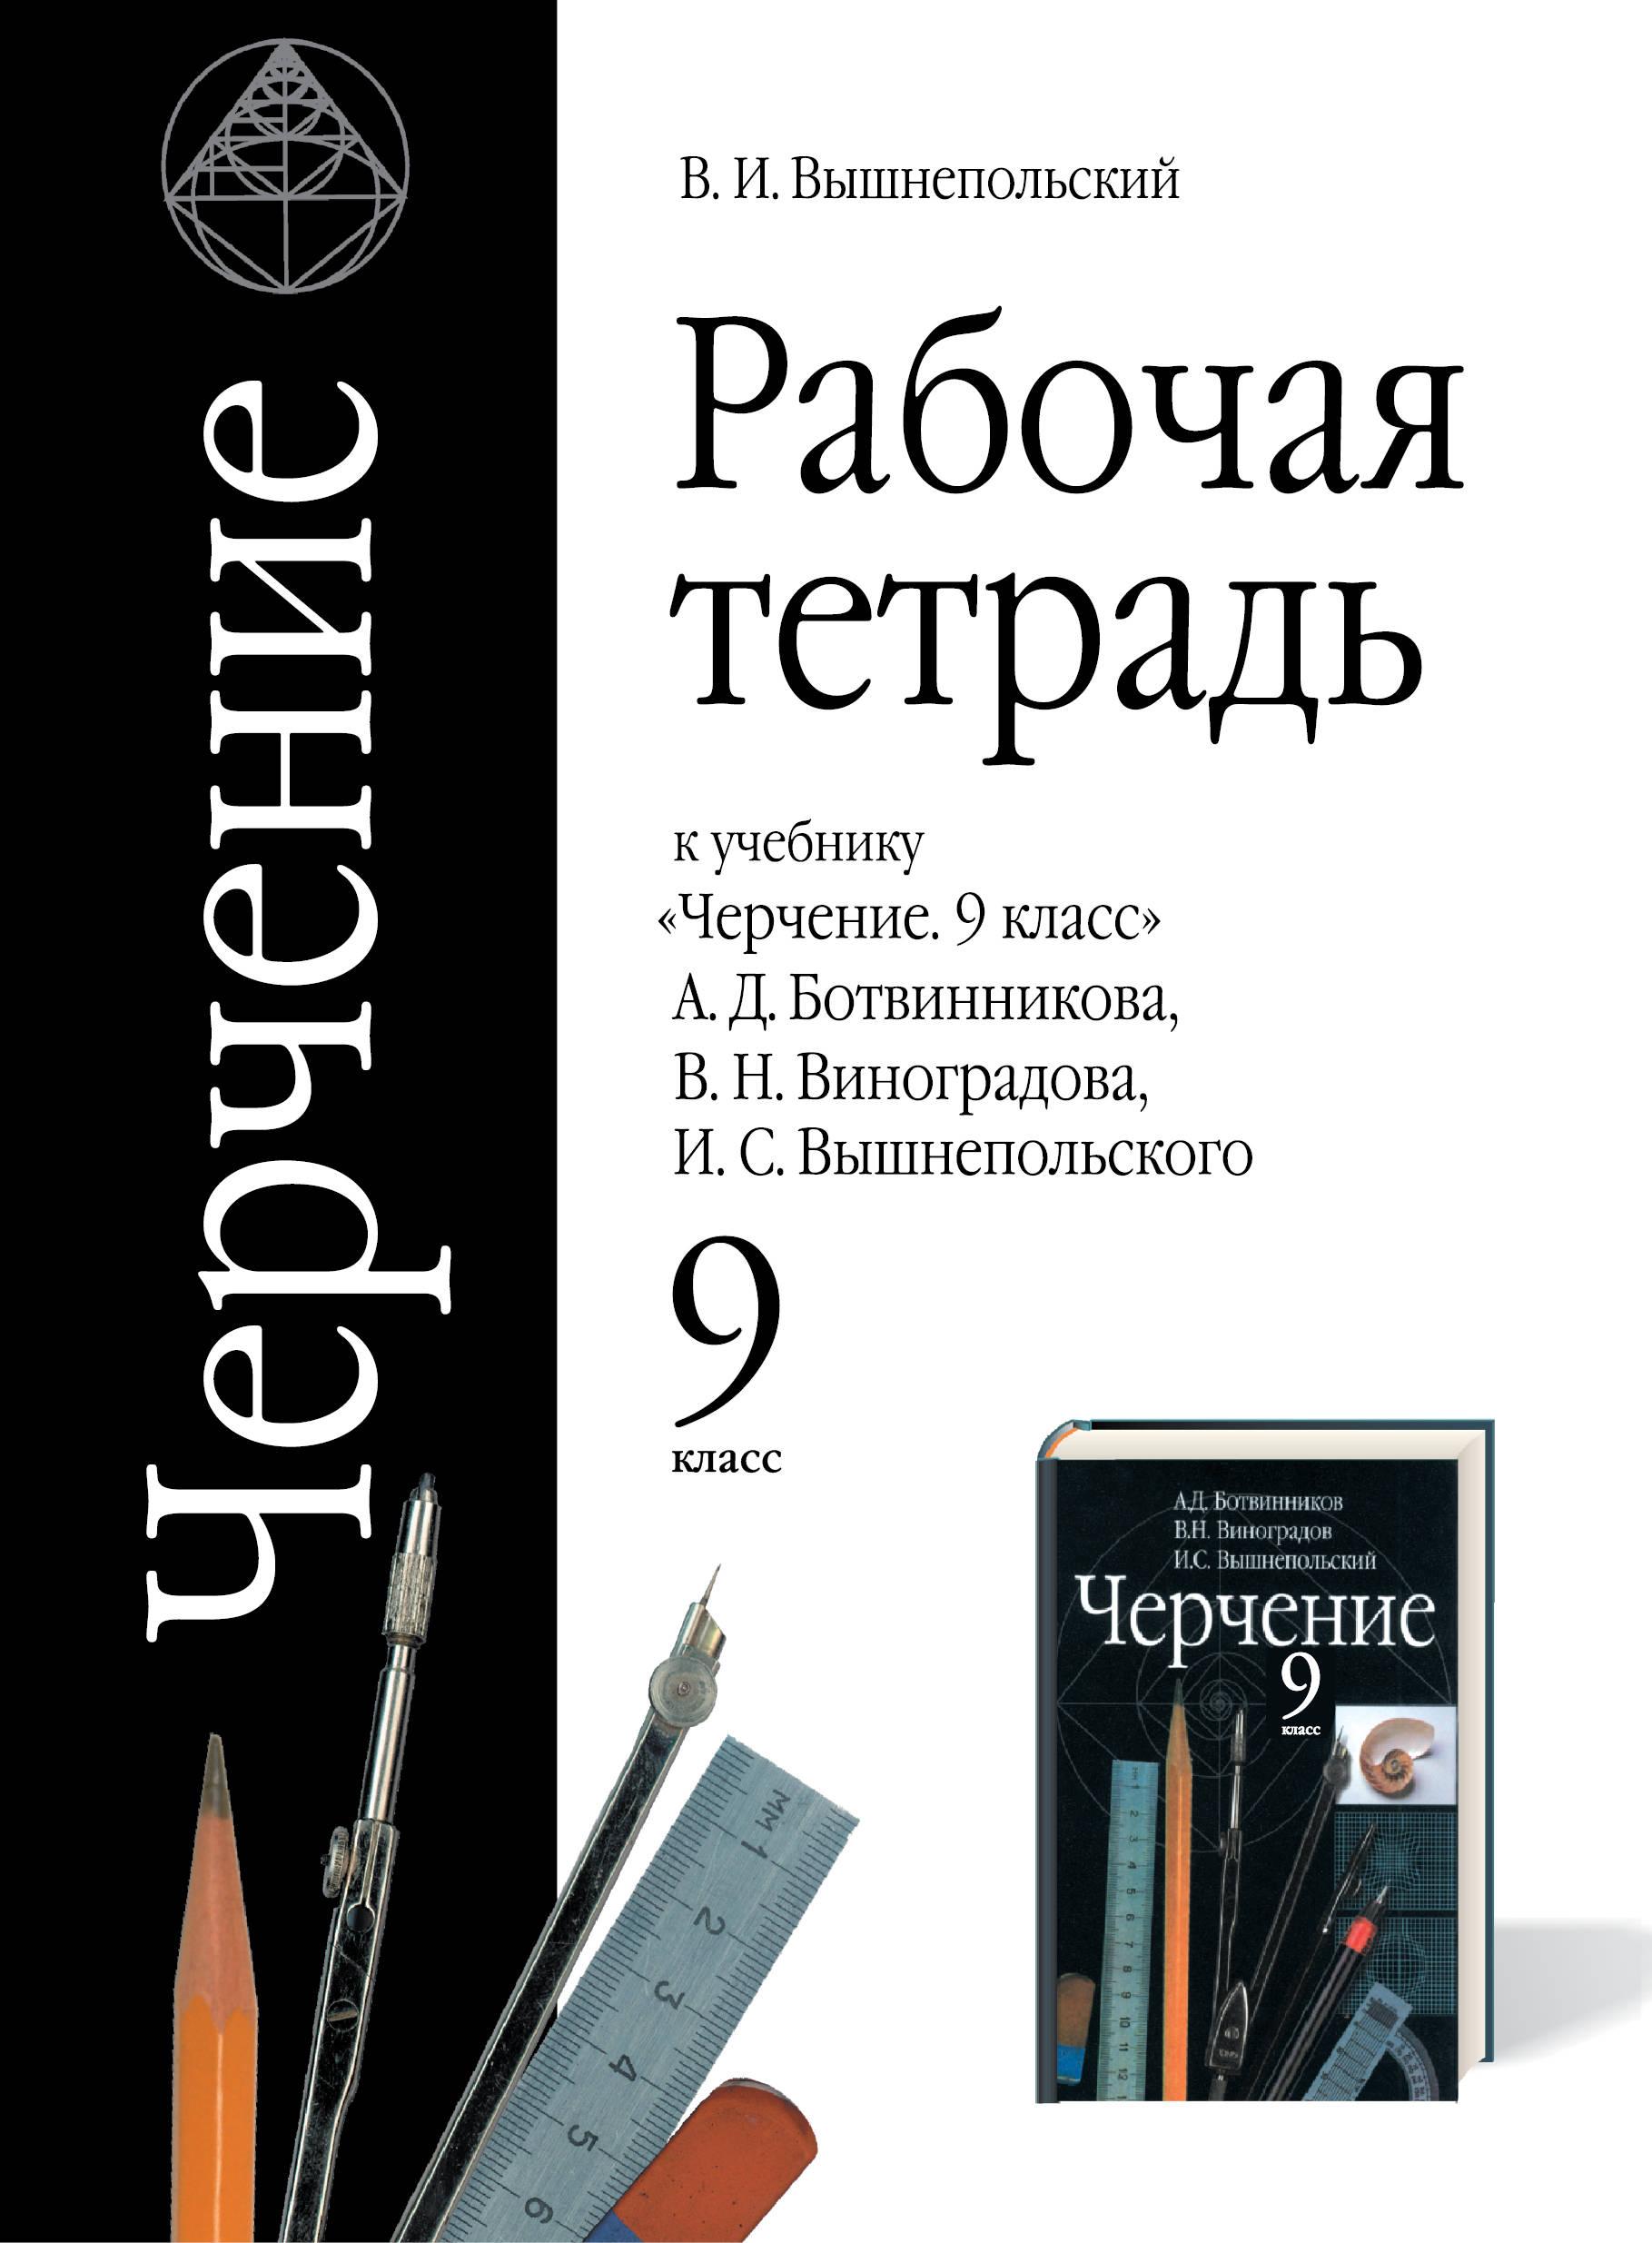 В И Вышнепольский Черчение 9 класс Рабочая тетрадь